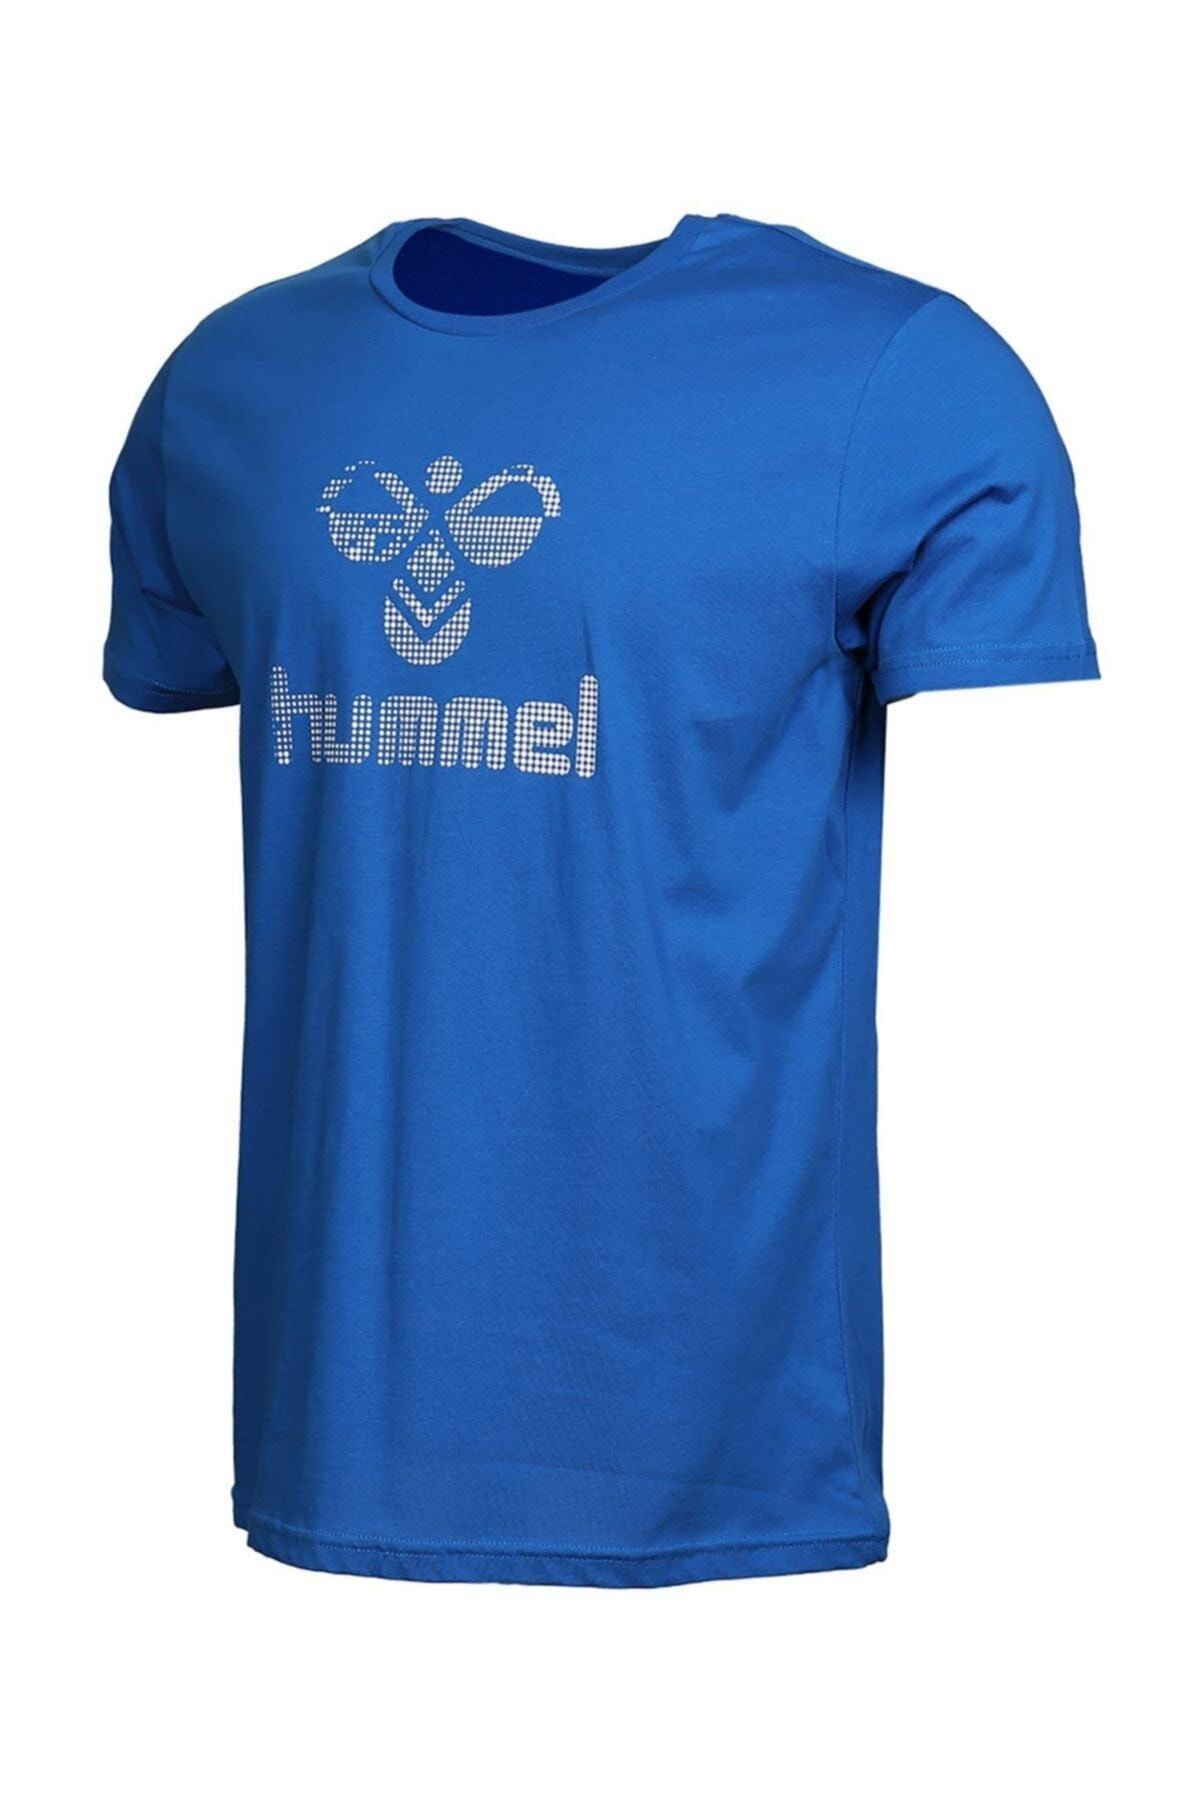 HUMMEL Erkek Günlük Tişört 910996-7887 Hmlkirk T Shirt S/s Tee 1